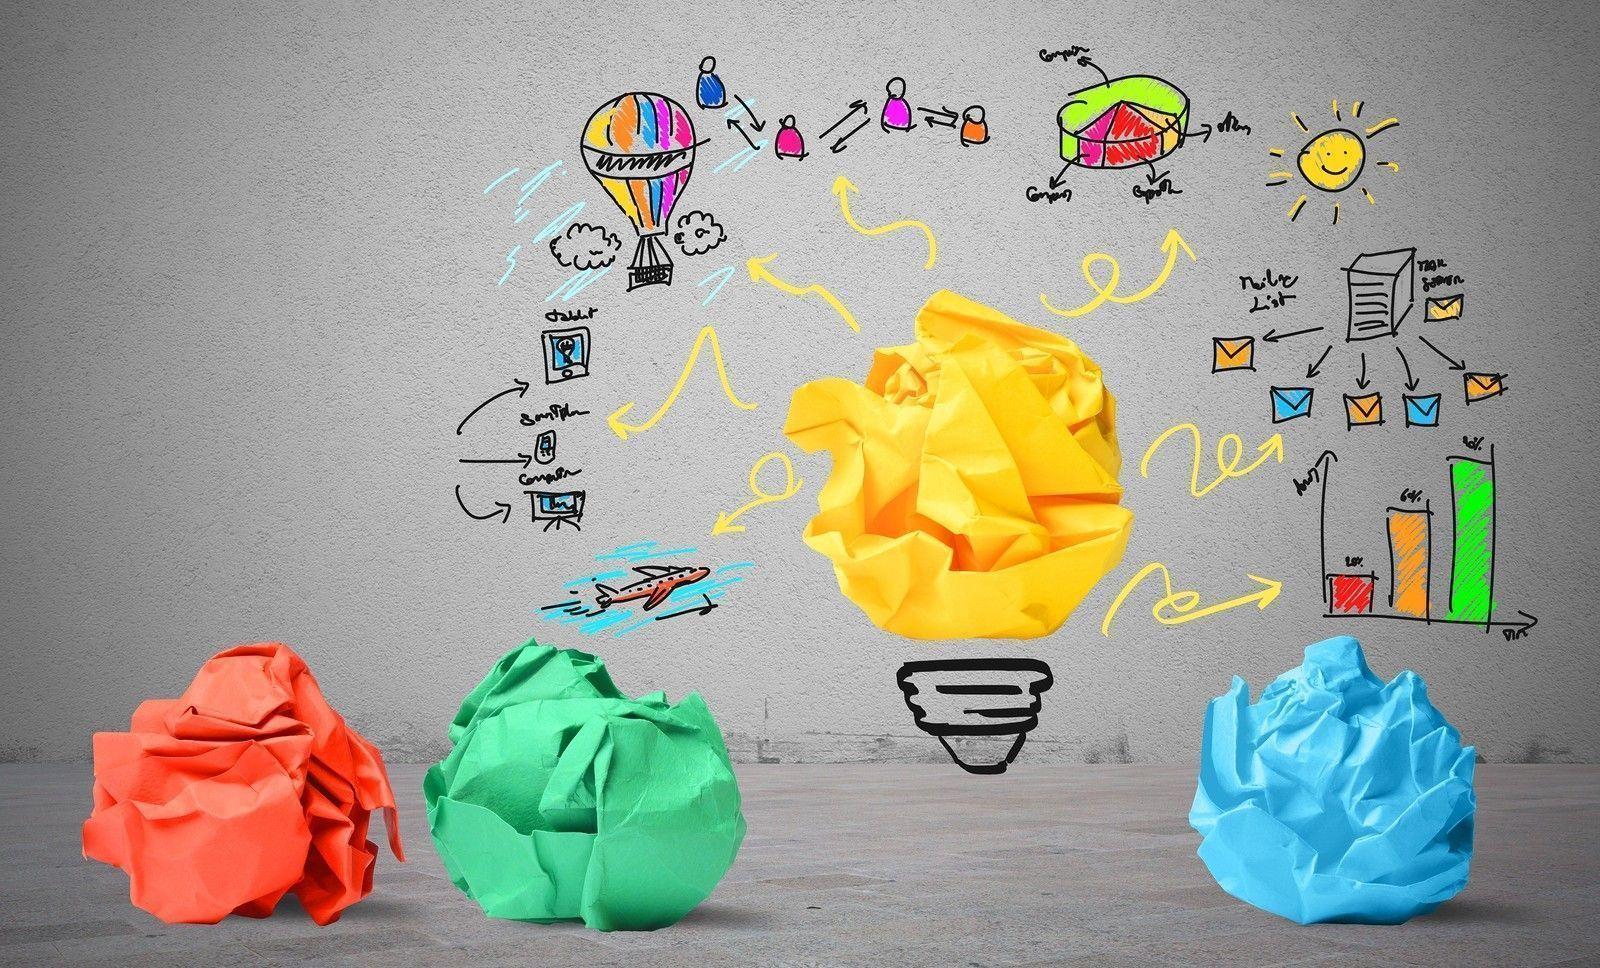 28 ideas innovadoras para lograr el éxito en tu negocio